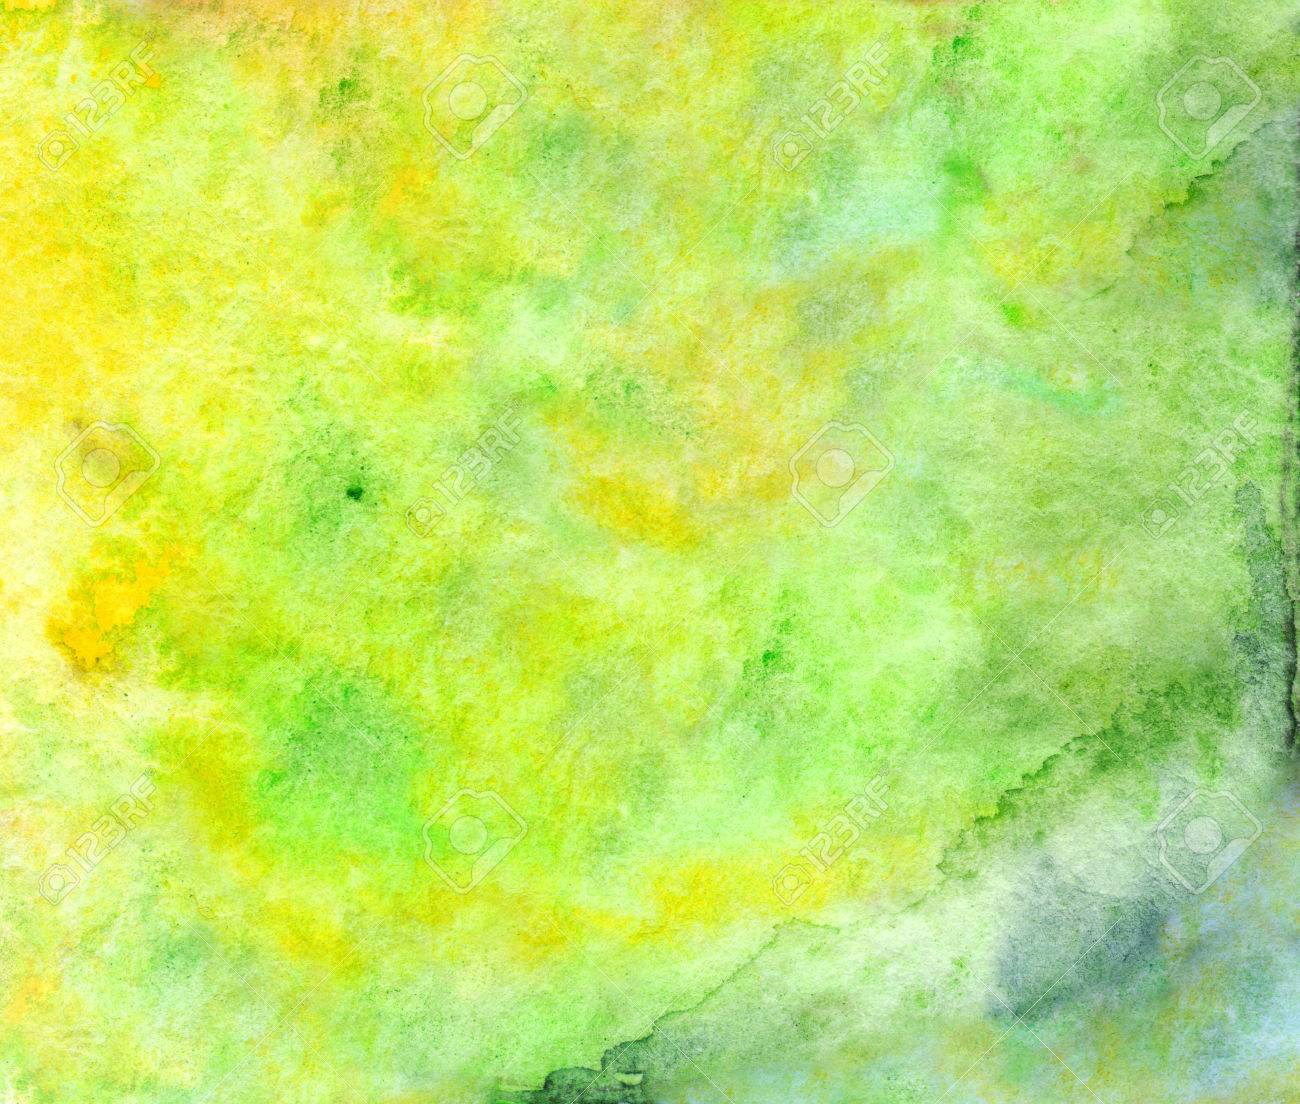 Aquarelle Vert Jaune Neon Papier Peint Texture De Fond Banque D